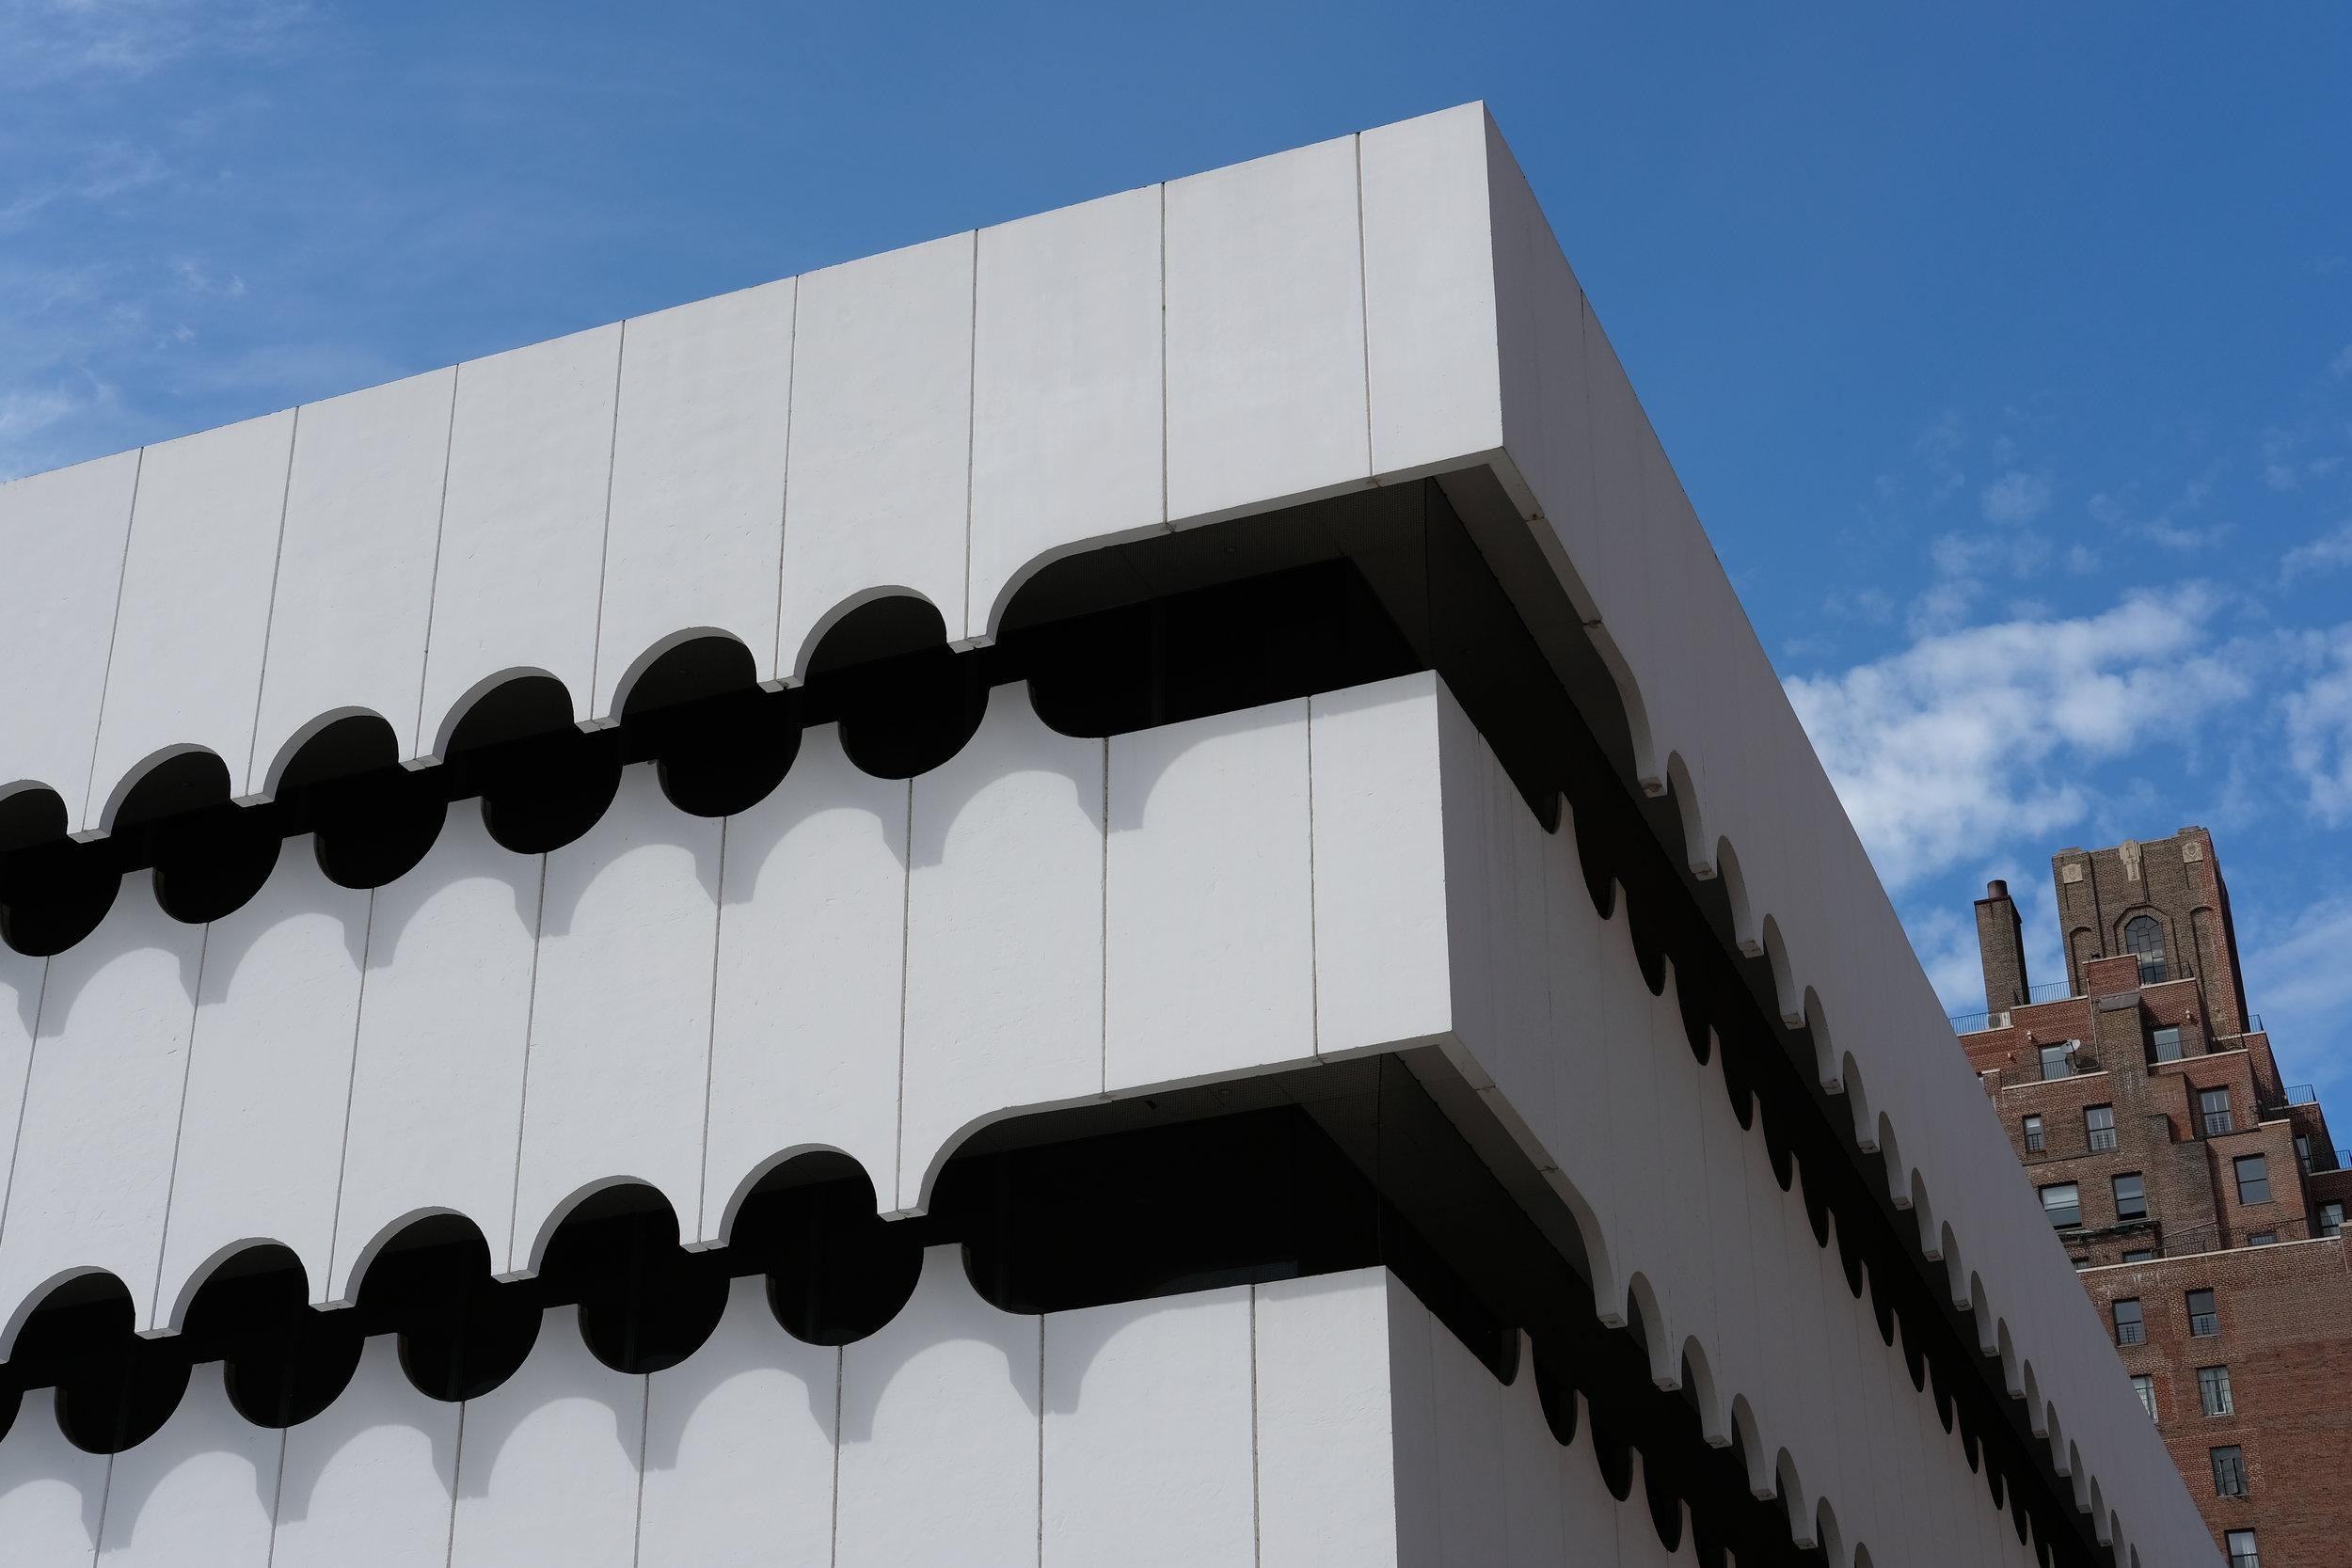 Copy of O'Toole Building